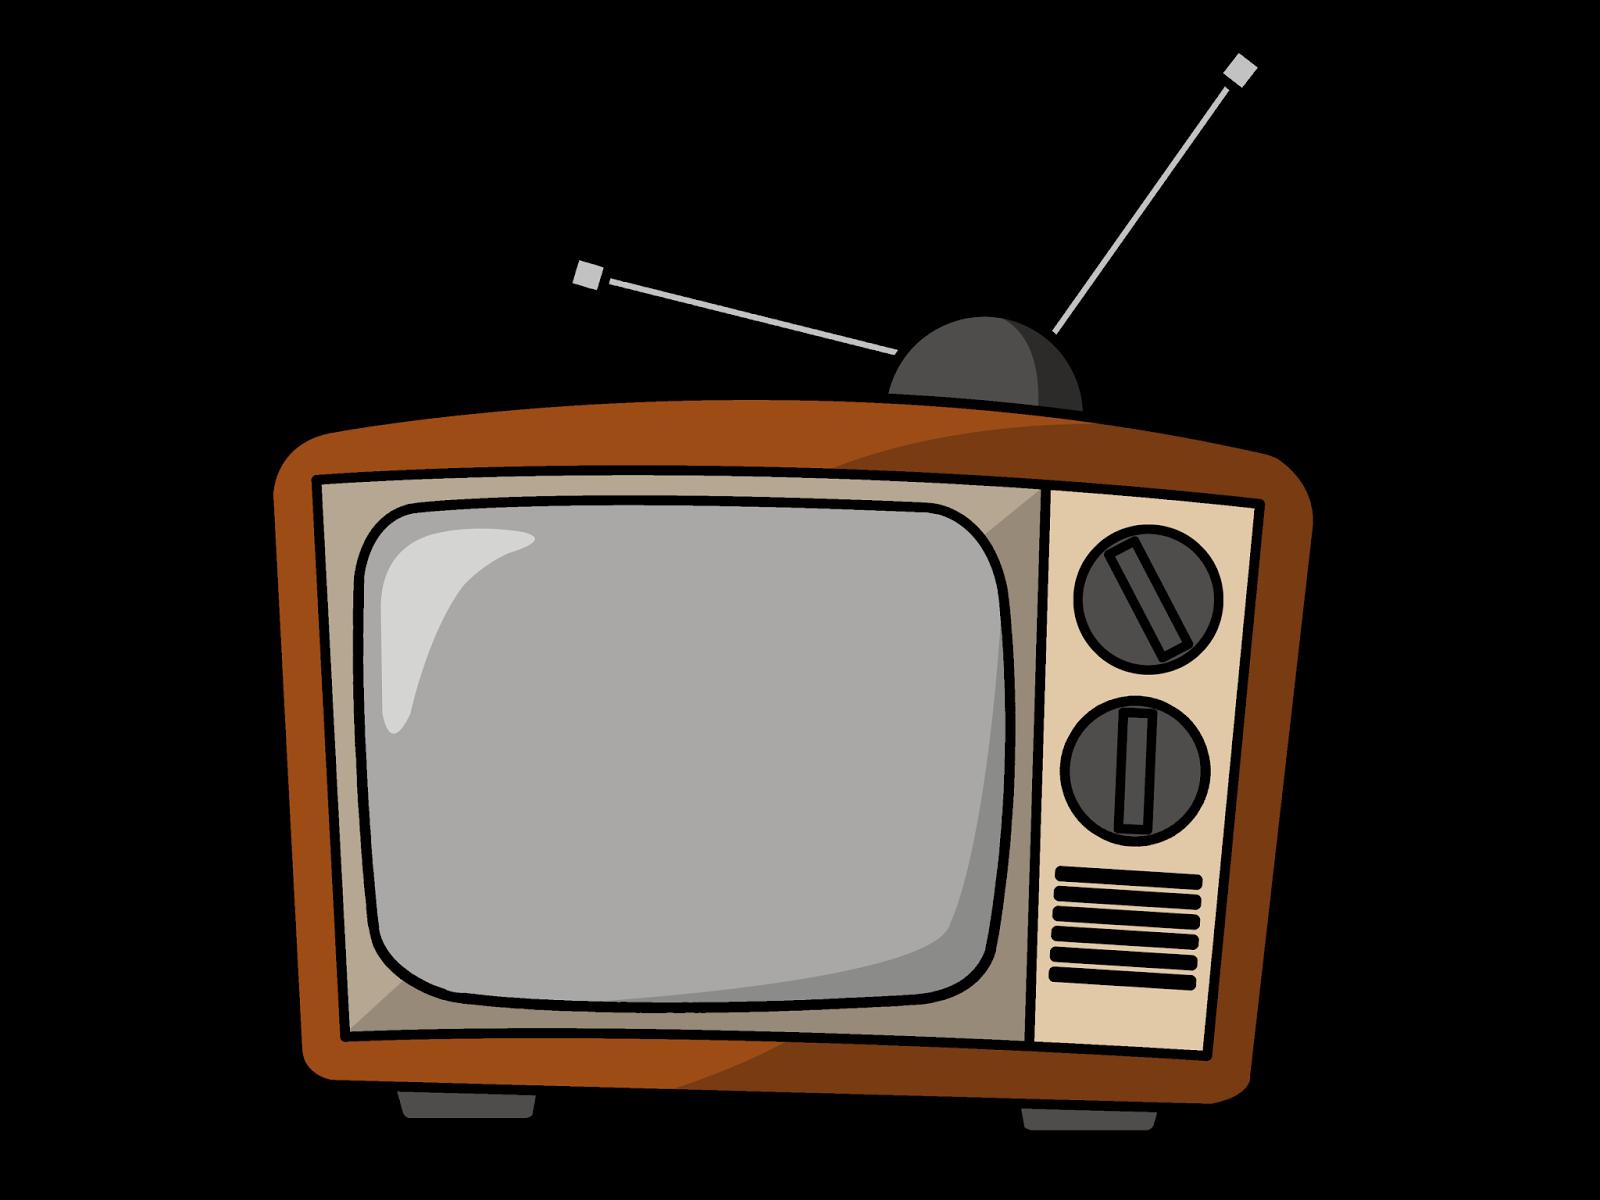 Tv Shows Link-tv shows link-15